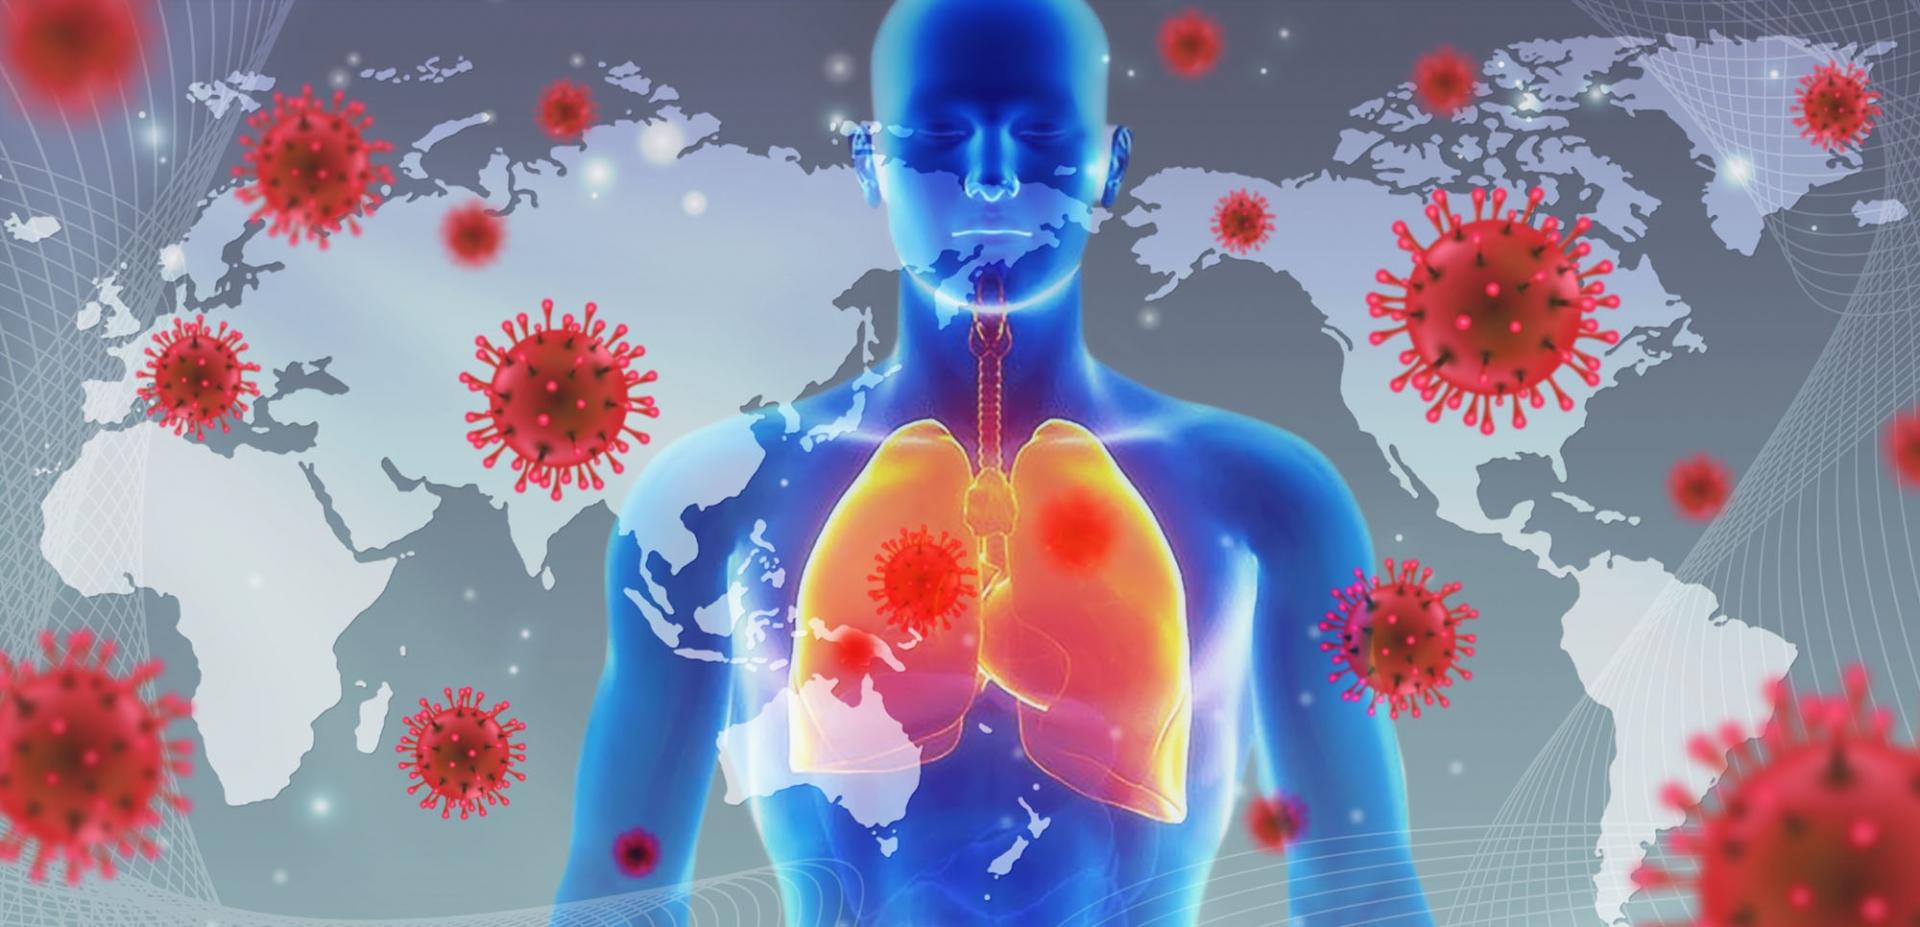 コロナウイルスが実社会への影響が大きく、3月中旬まではダメージを与え続ける。